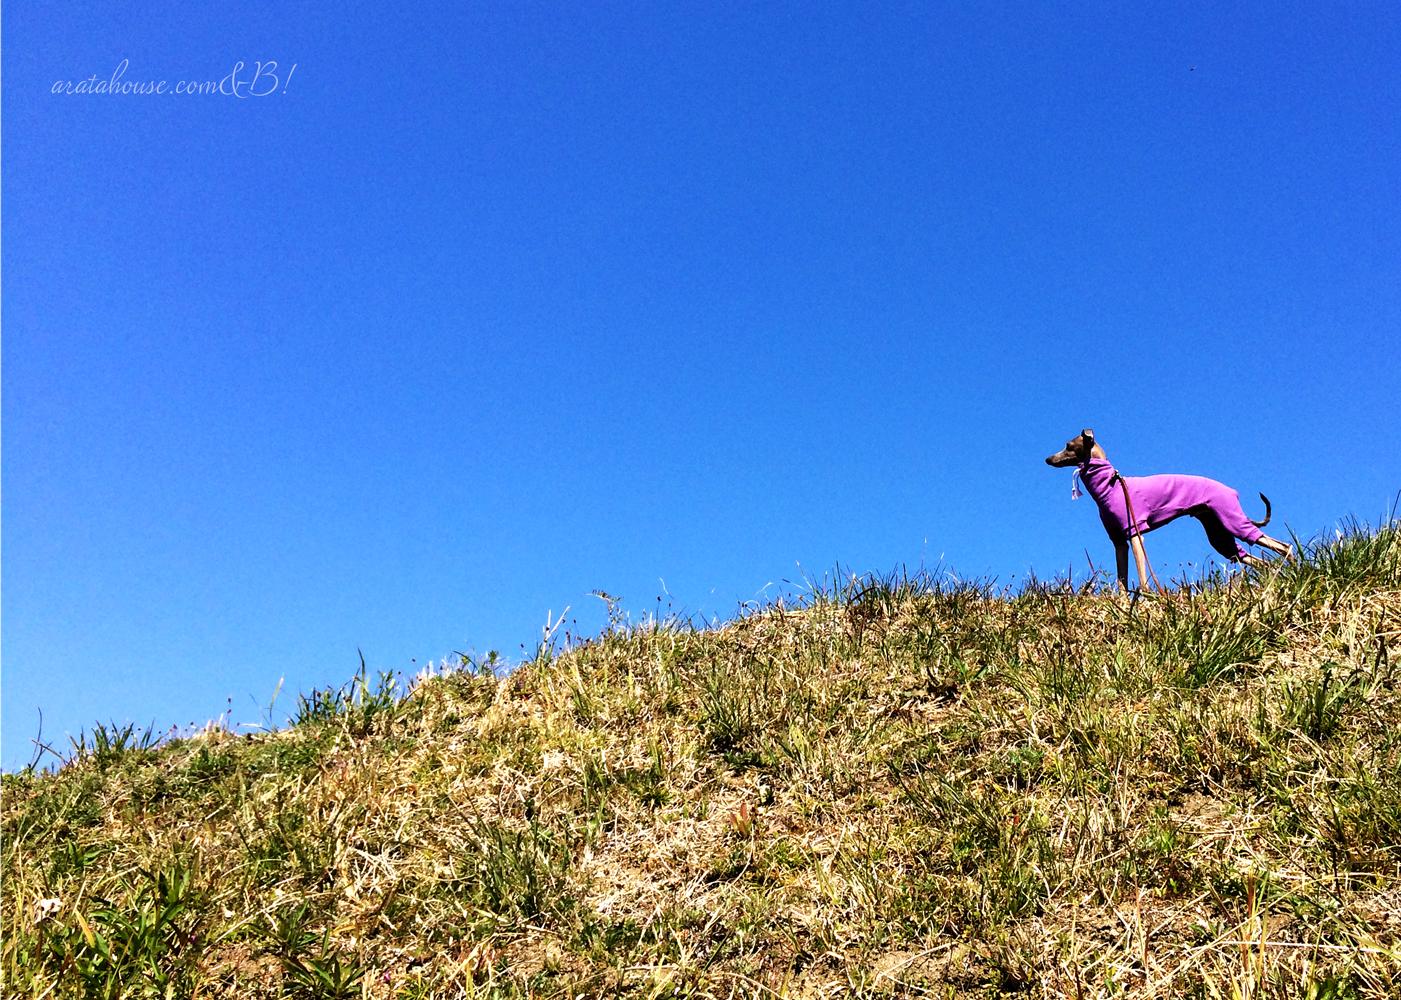 「淡路島の春の散歩」海辺や玉ねぎ畑をのんびり歩きながら愛犬を撮影したり。春は「花さじき」「淡路夢舞台」も気持ちがいいよ。